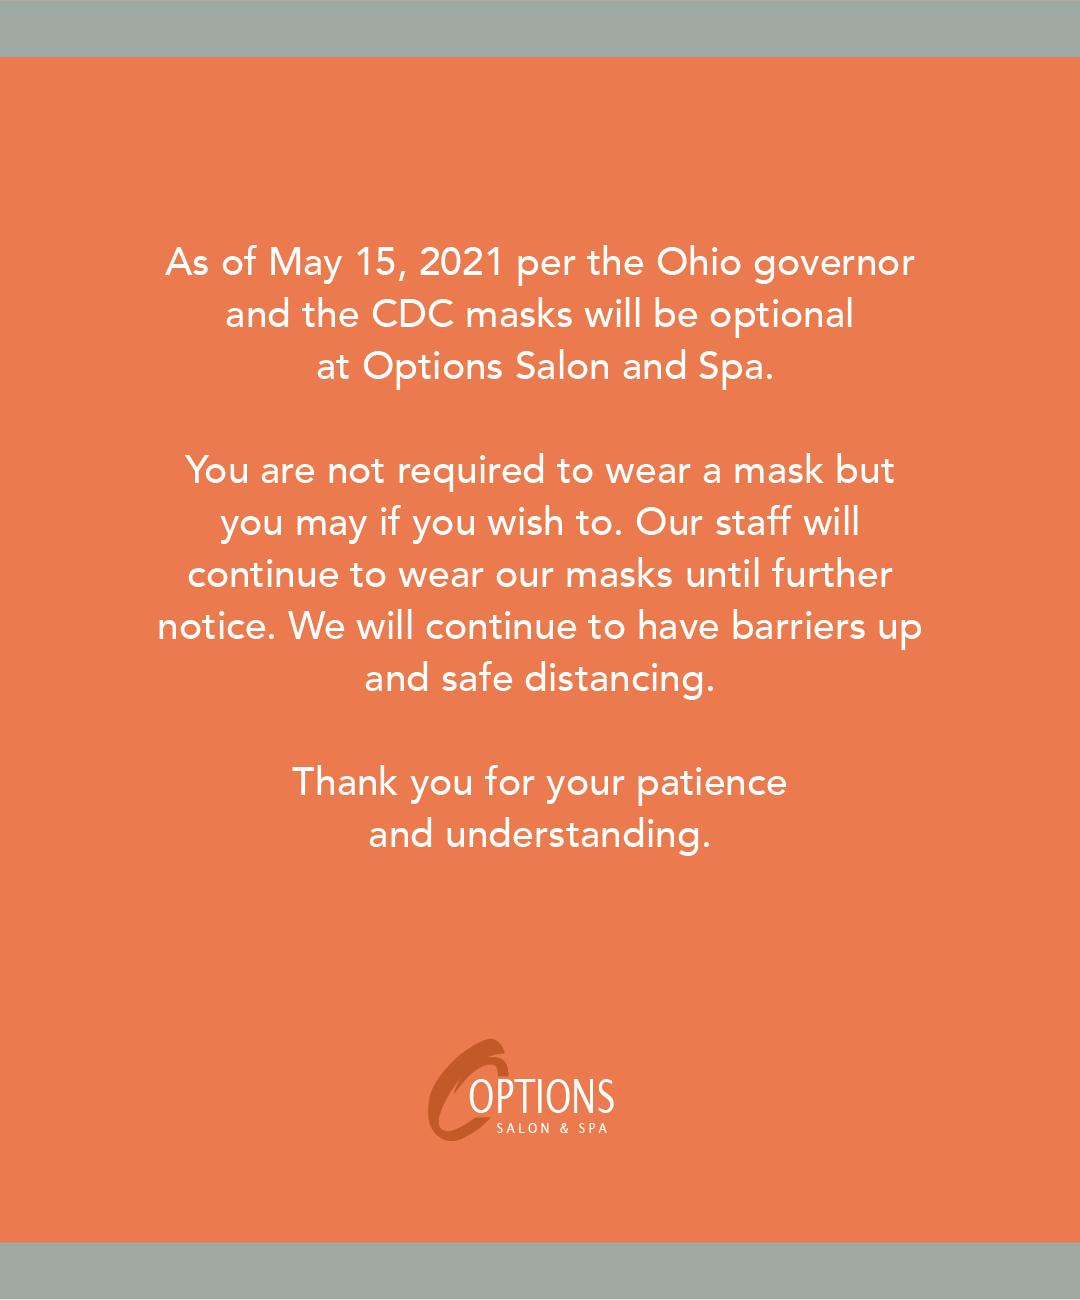 Covid Mask Update